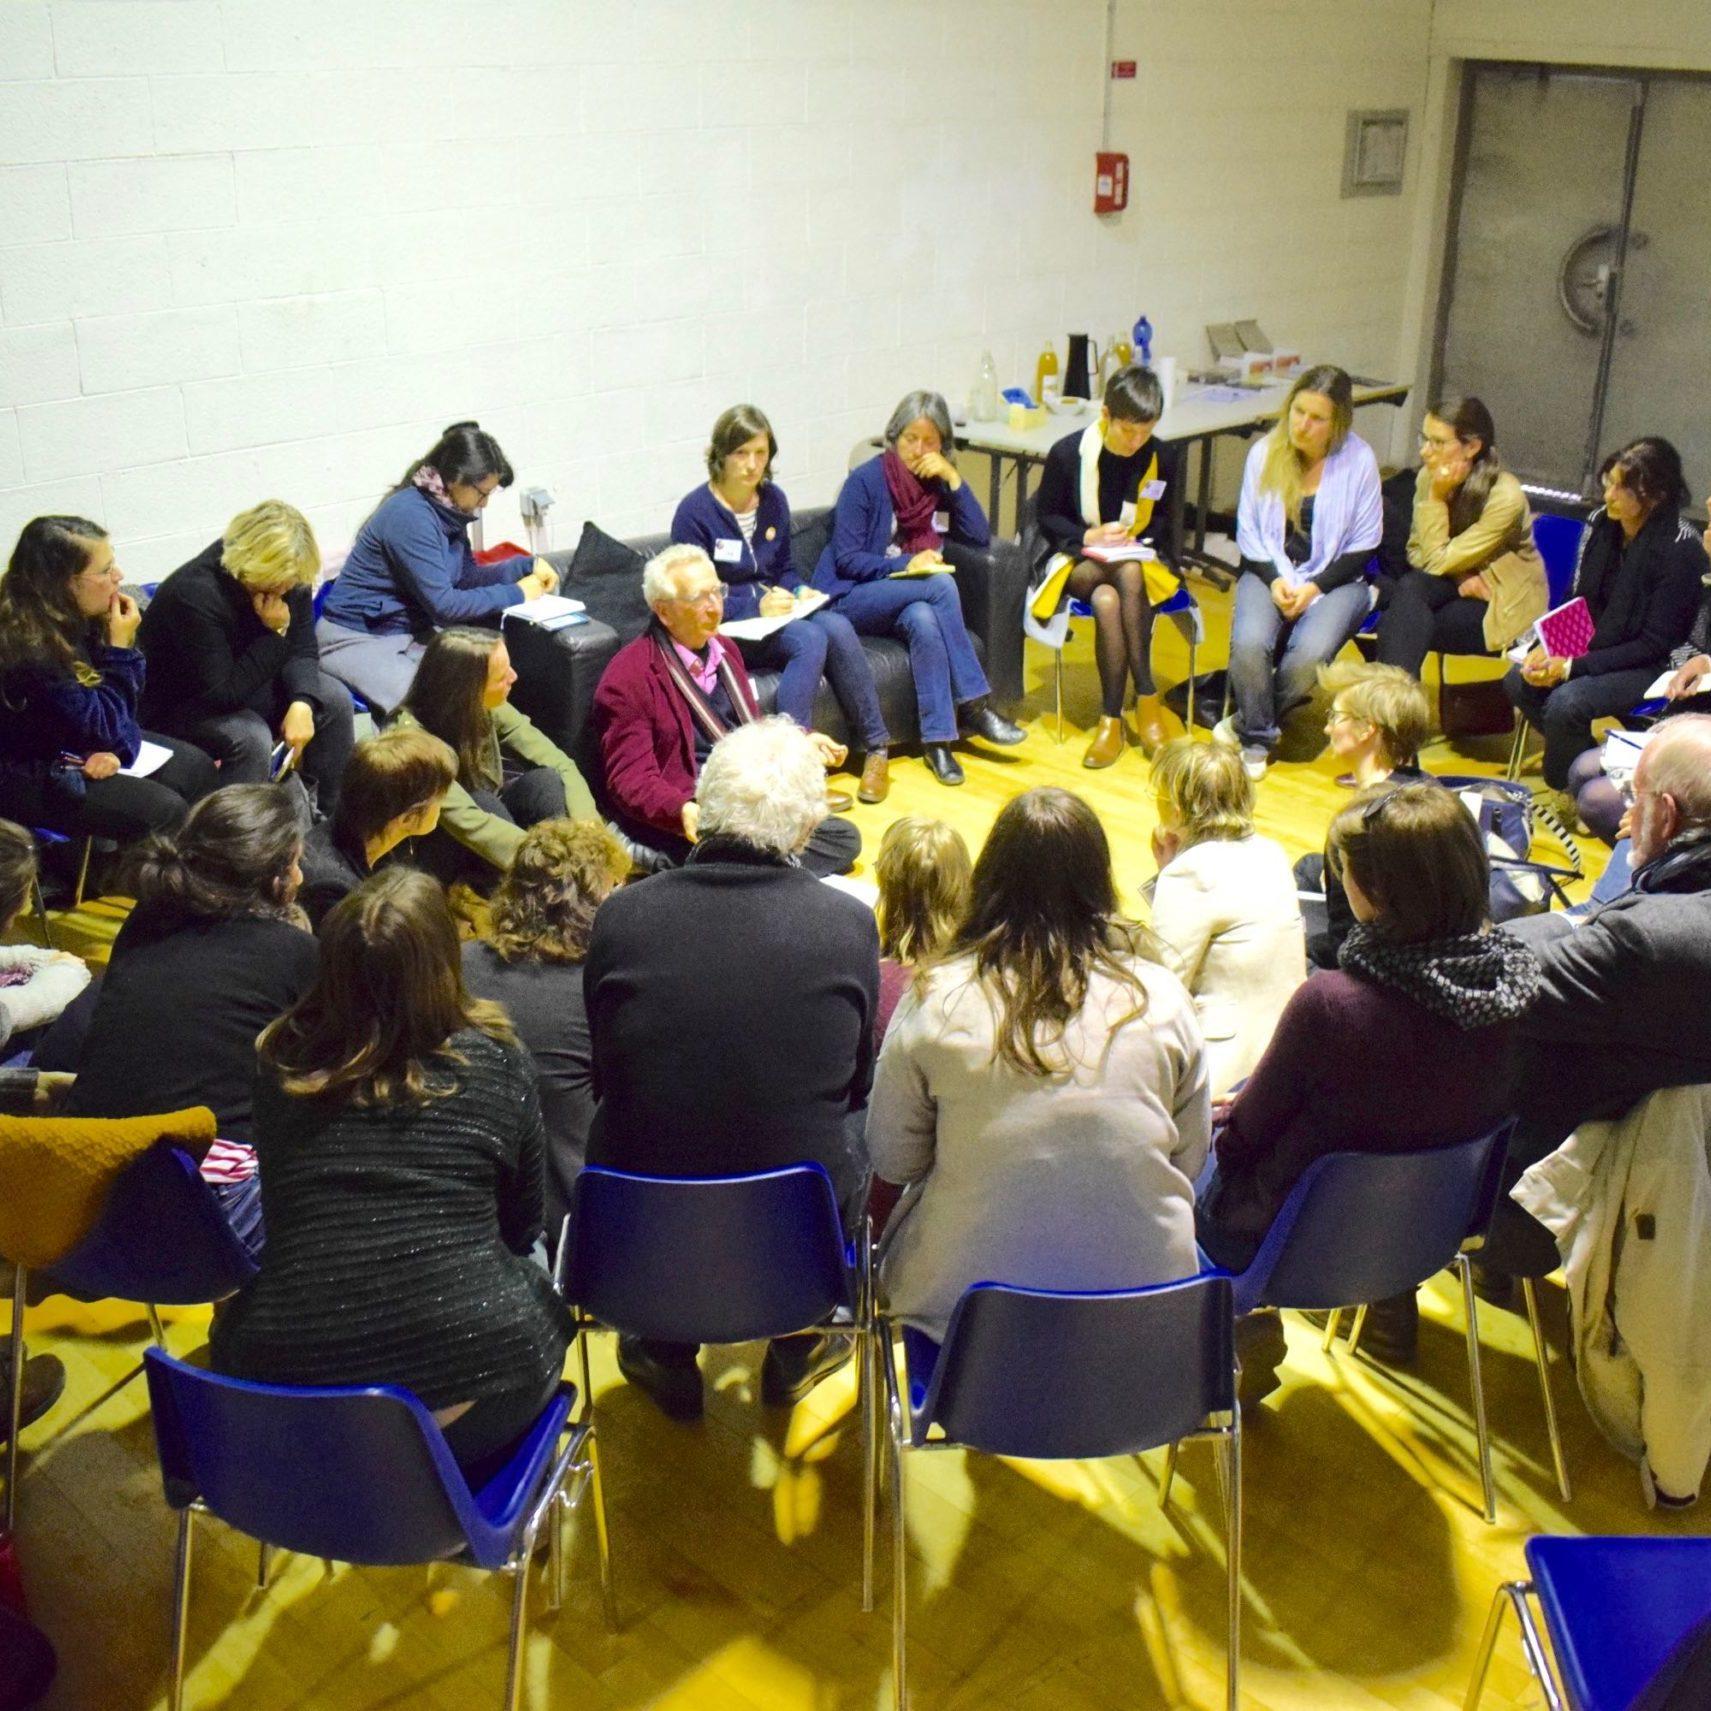 Rencontres Professionnelles de la FEMS 2019 - Cliché J-M Thenoux, photothèque FEMS